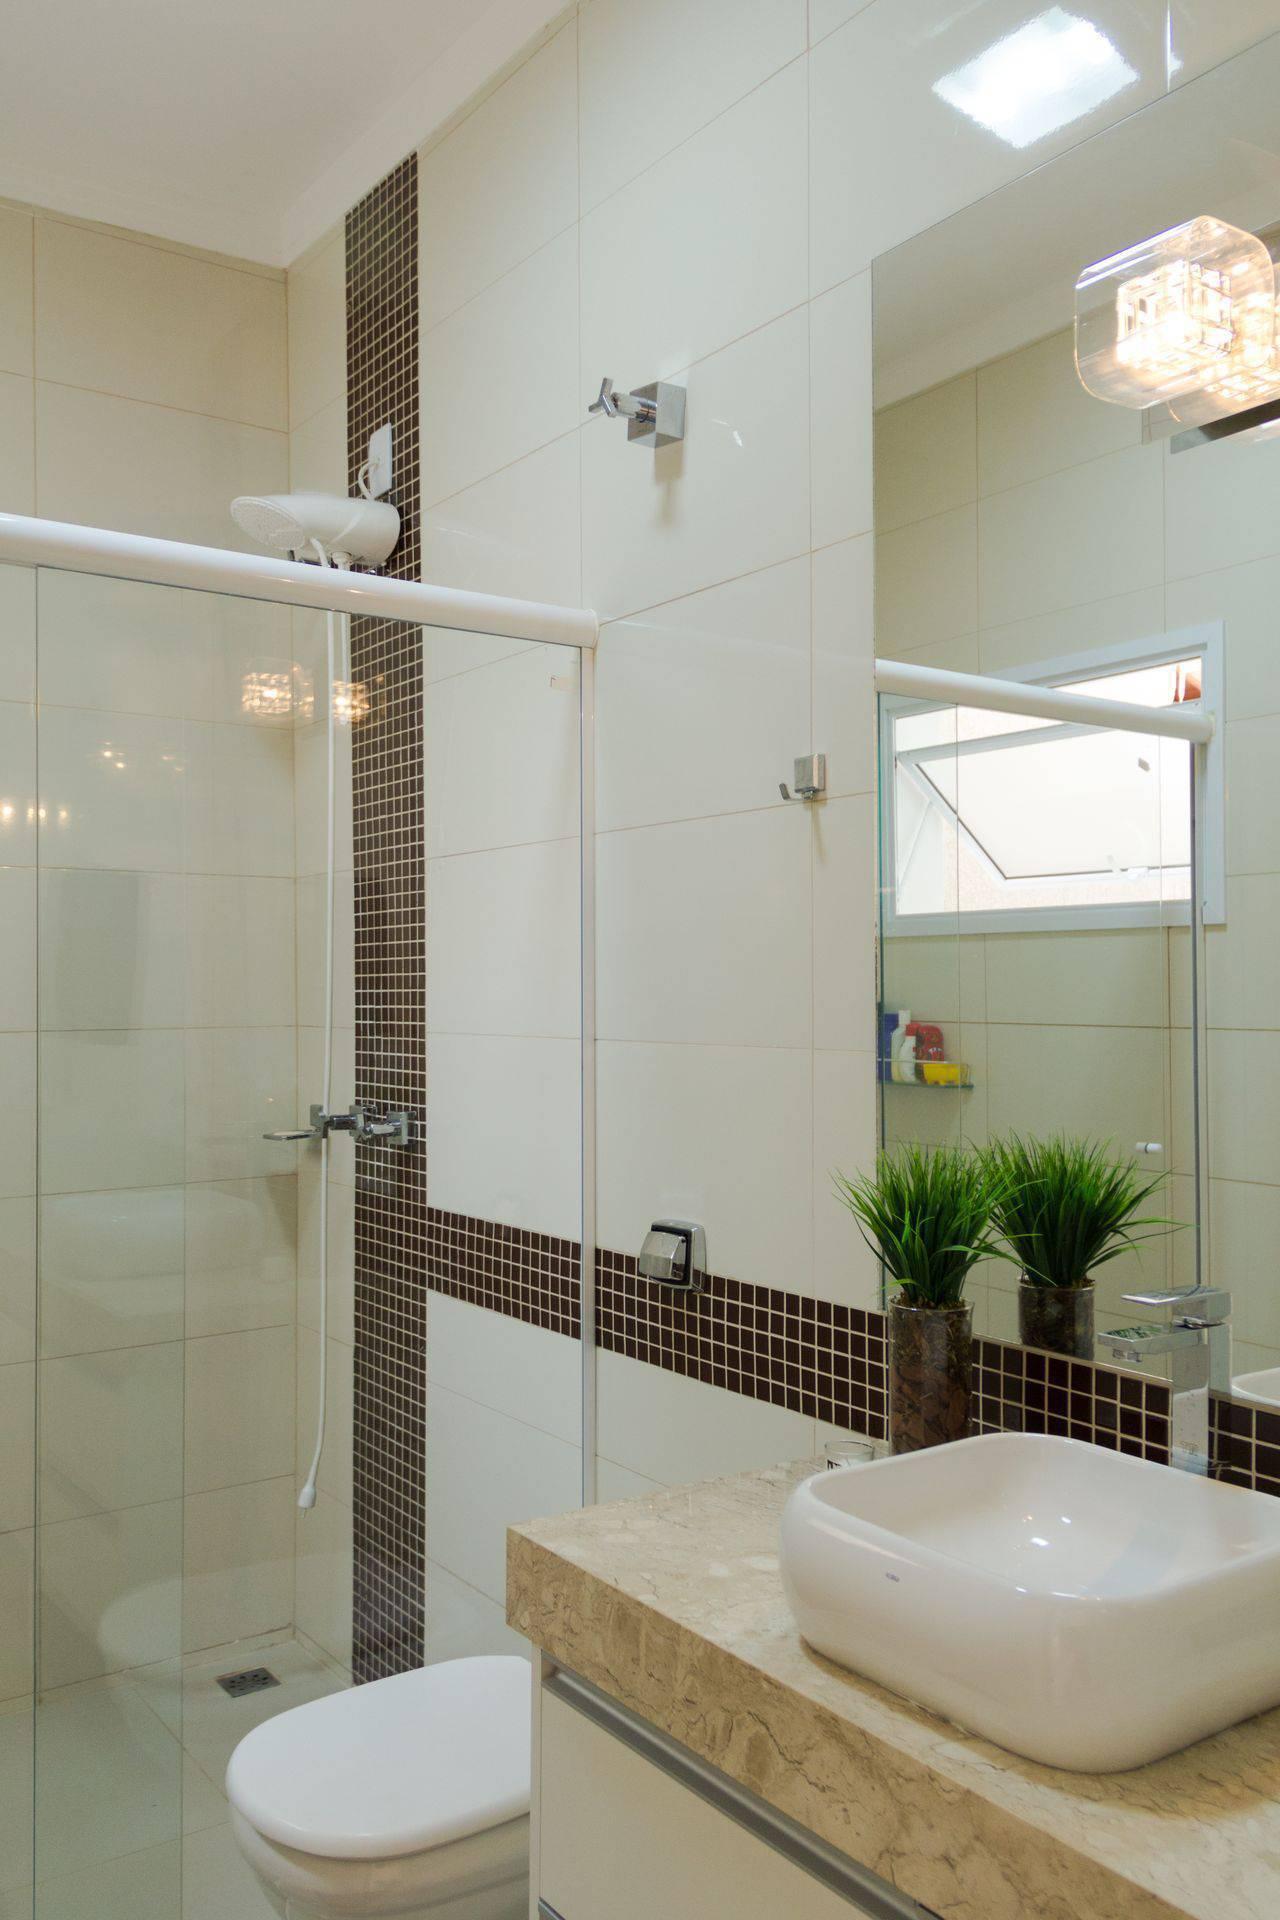 chuveiro banheiro engenharia e arquitetura 140221